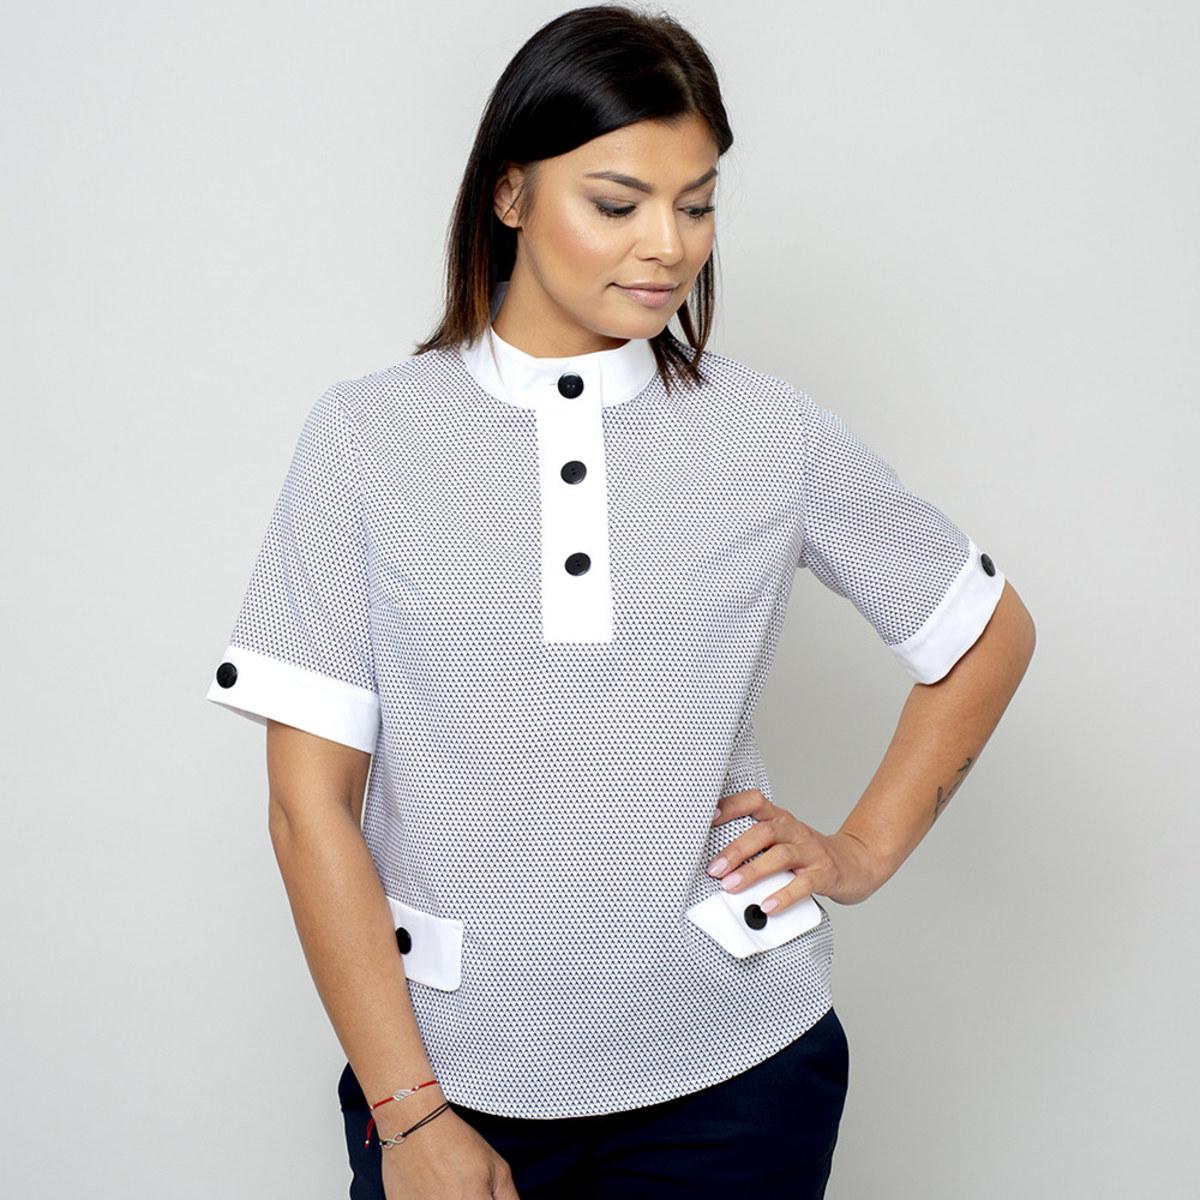 Dámske tričko s bielymi prvkami 10828 Veľkosť 50